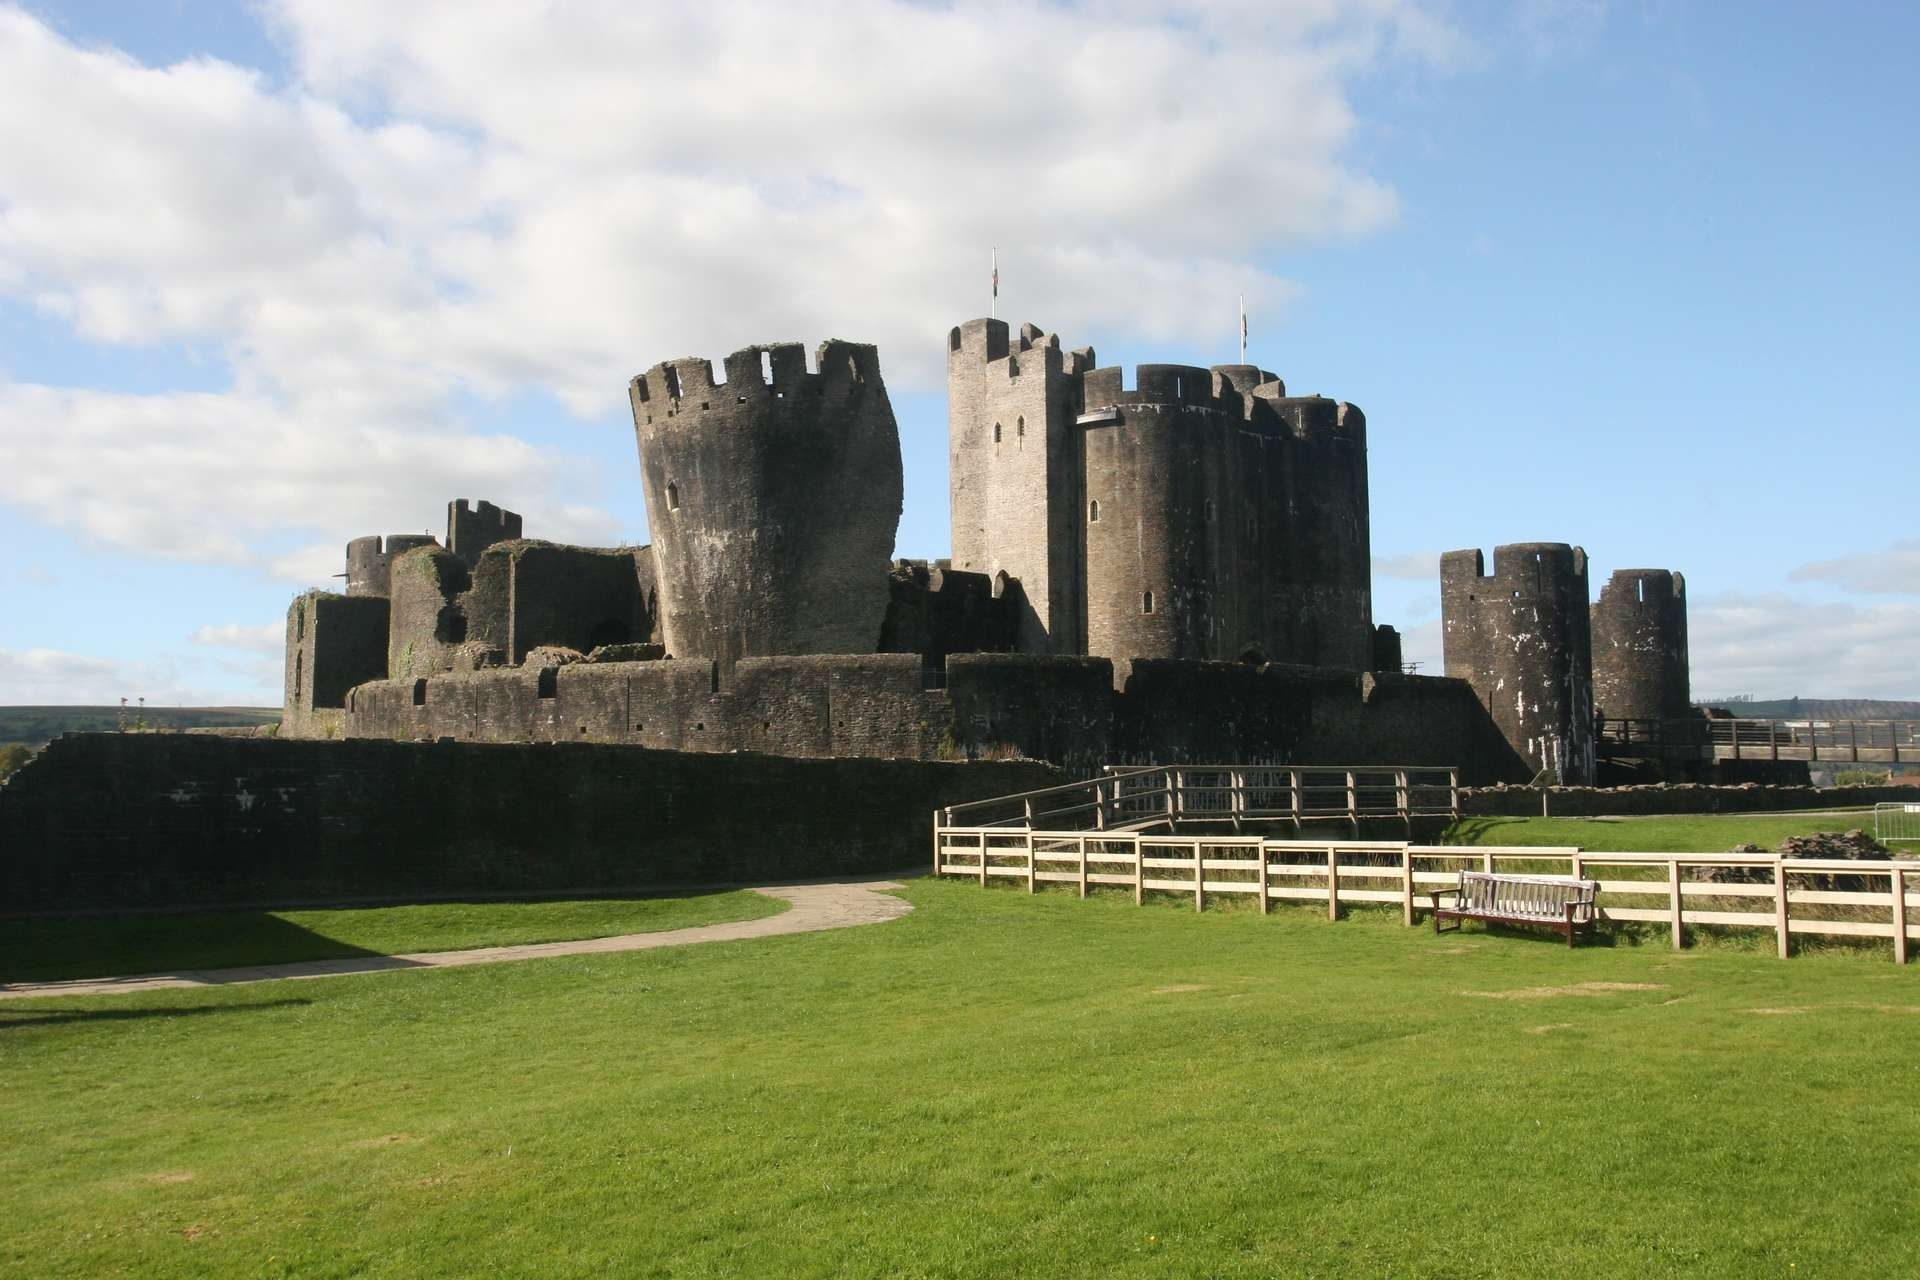 Κάστρο, Τόρες, Φρούριο, παλιά, μεσαιωνική, Caerphilly - Wallpapers HD - Professor-falken.com